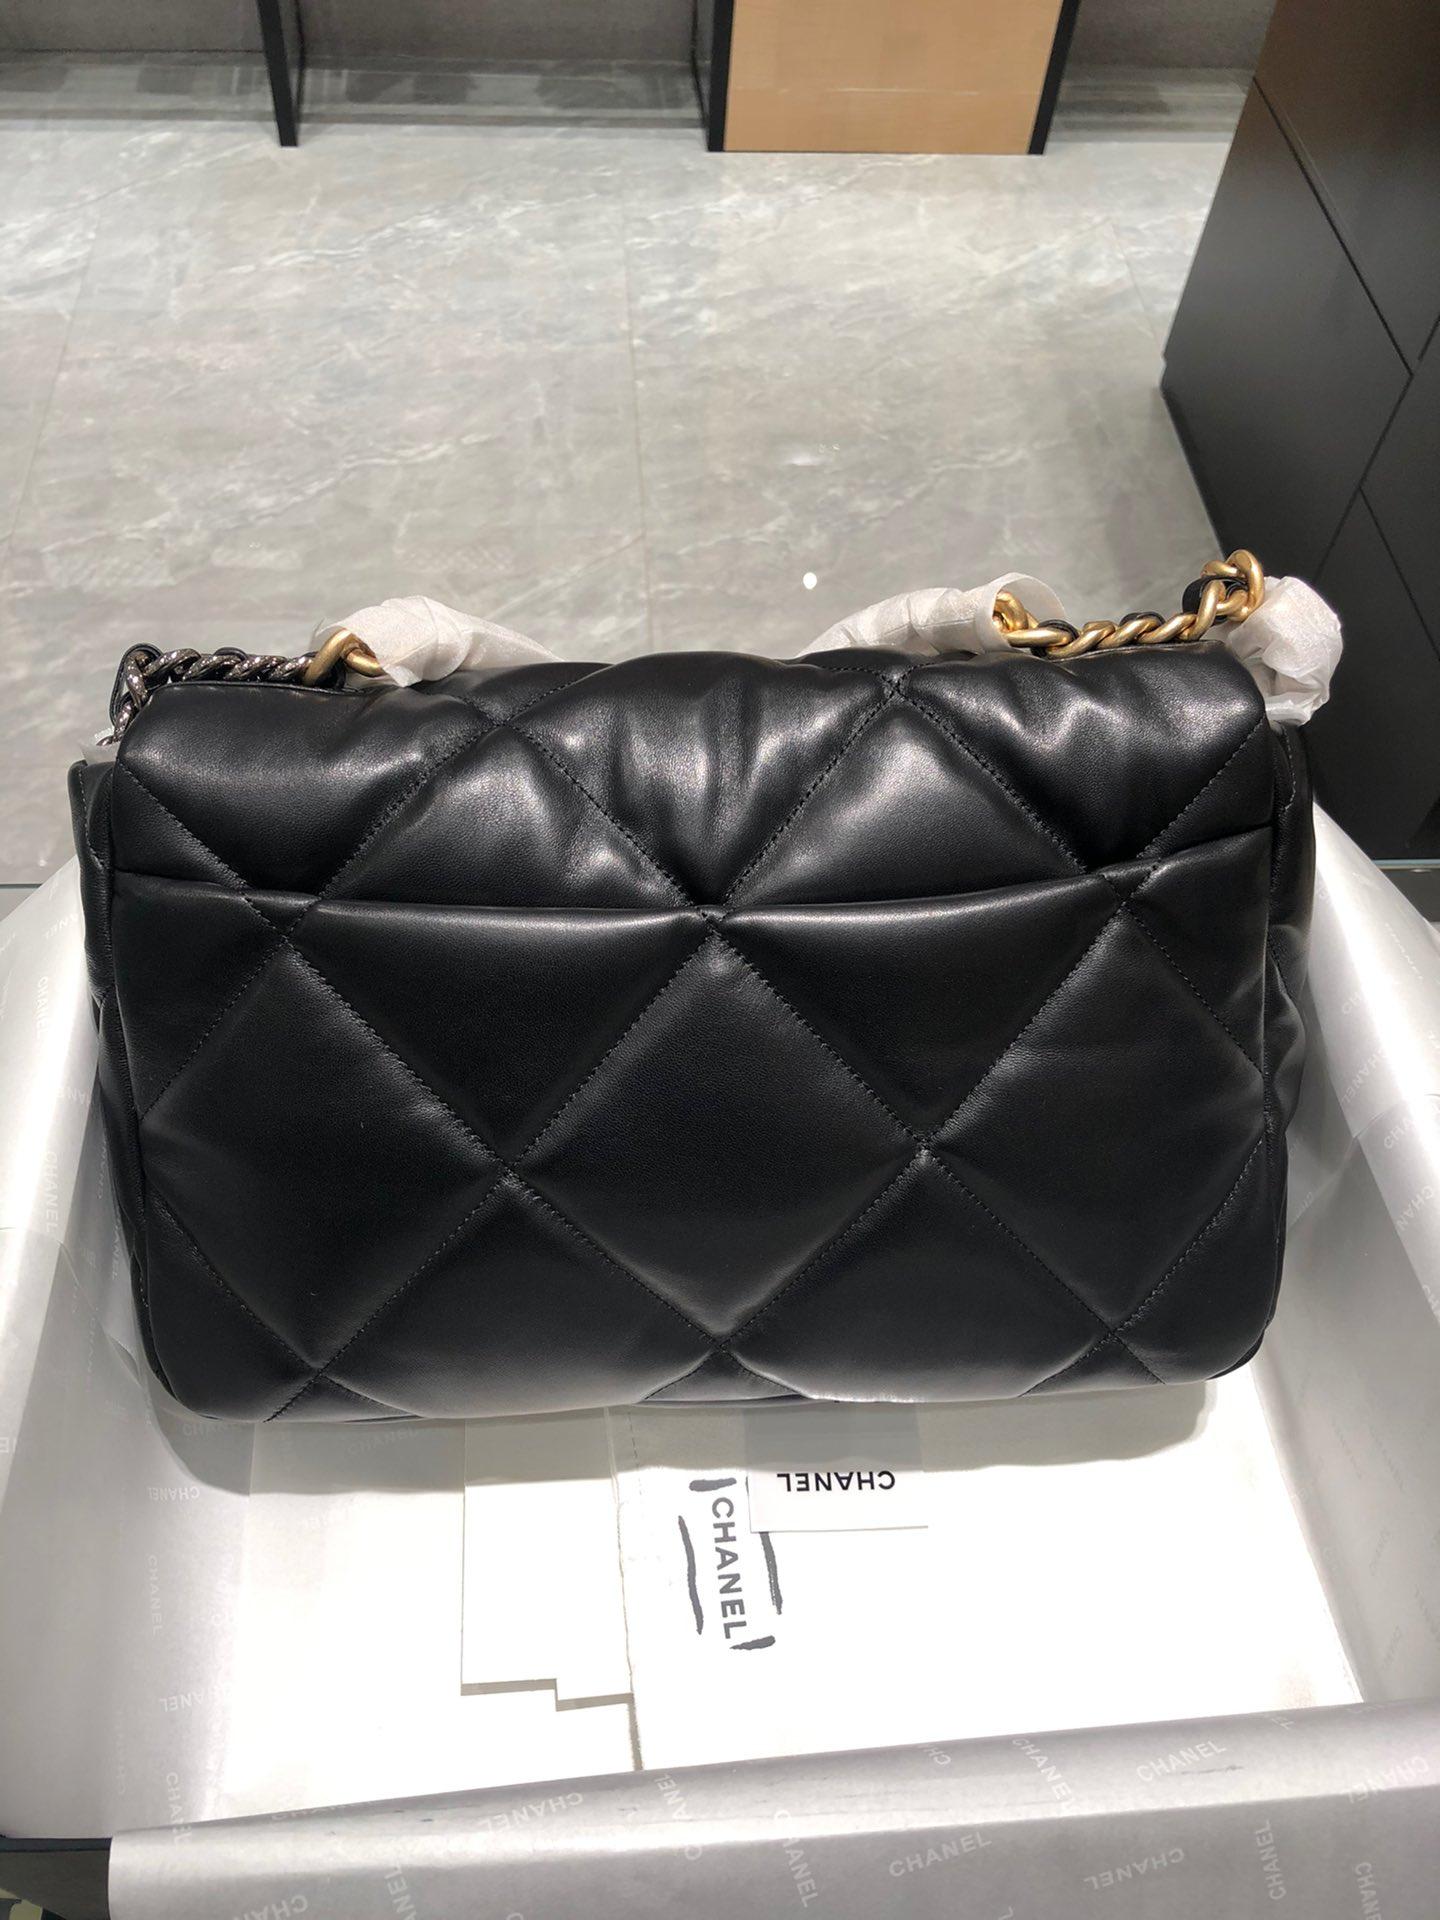 正品级 法国进口小羊皮Chanel2019秋冬新季系列 宽格纹粗链条翻盖包 全套包装